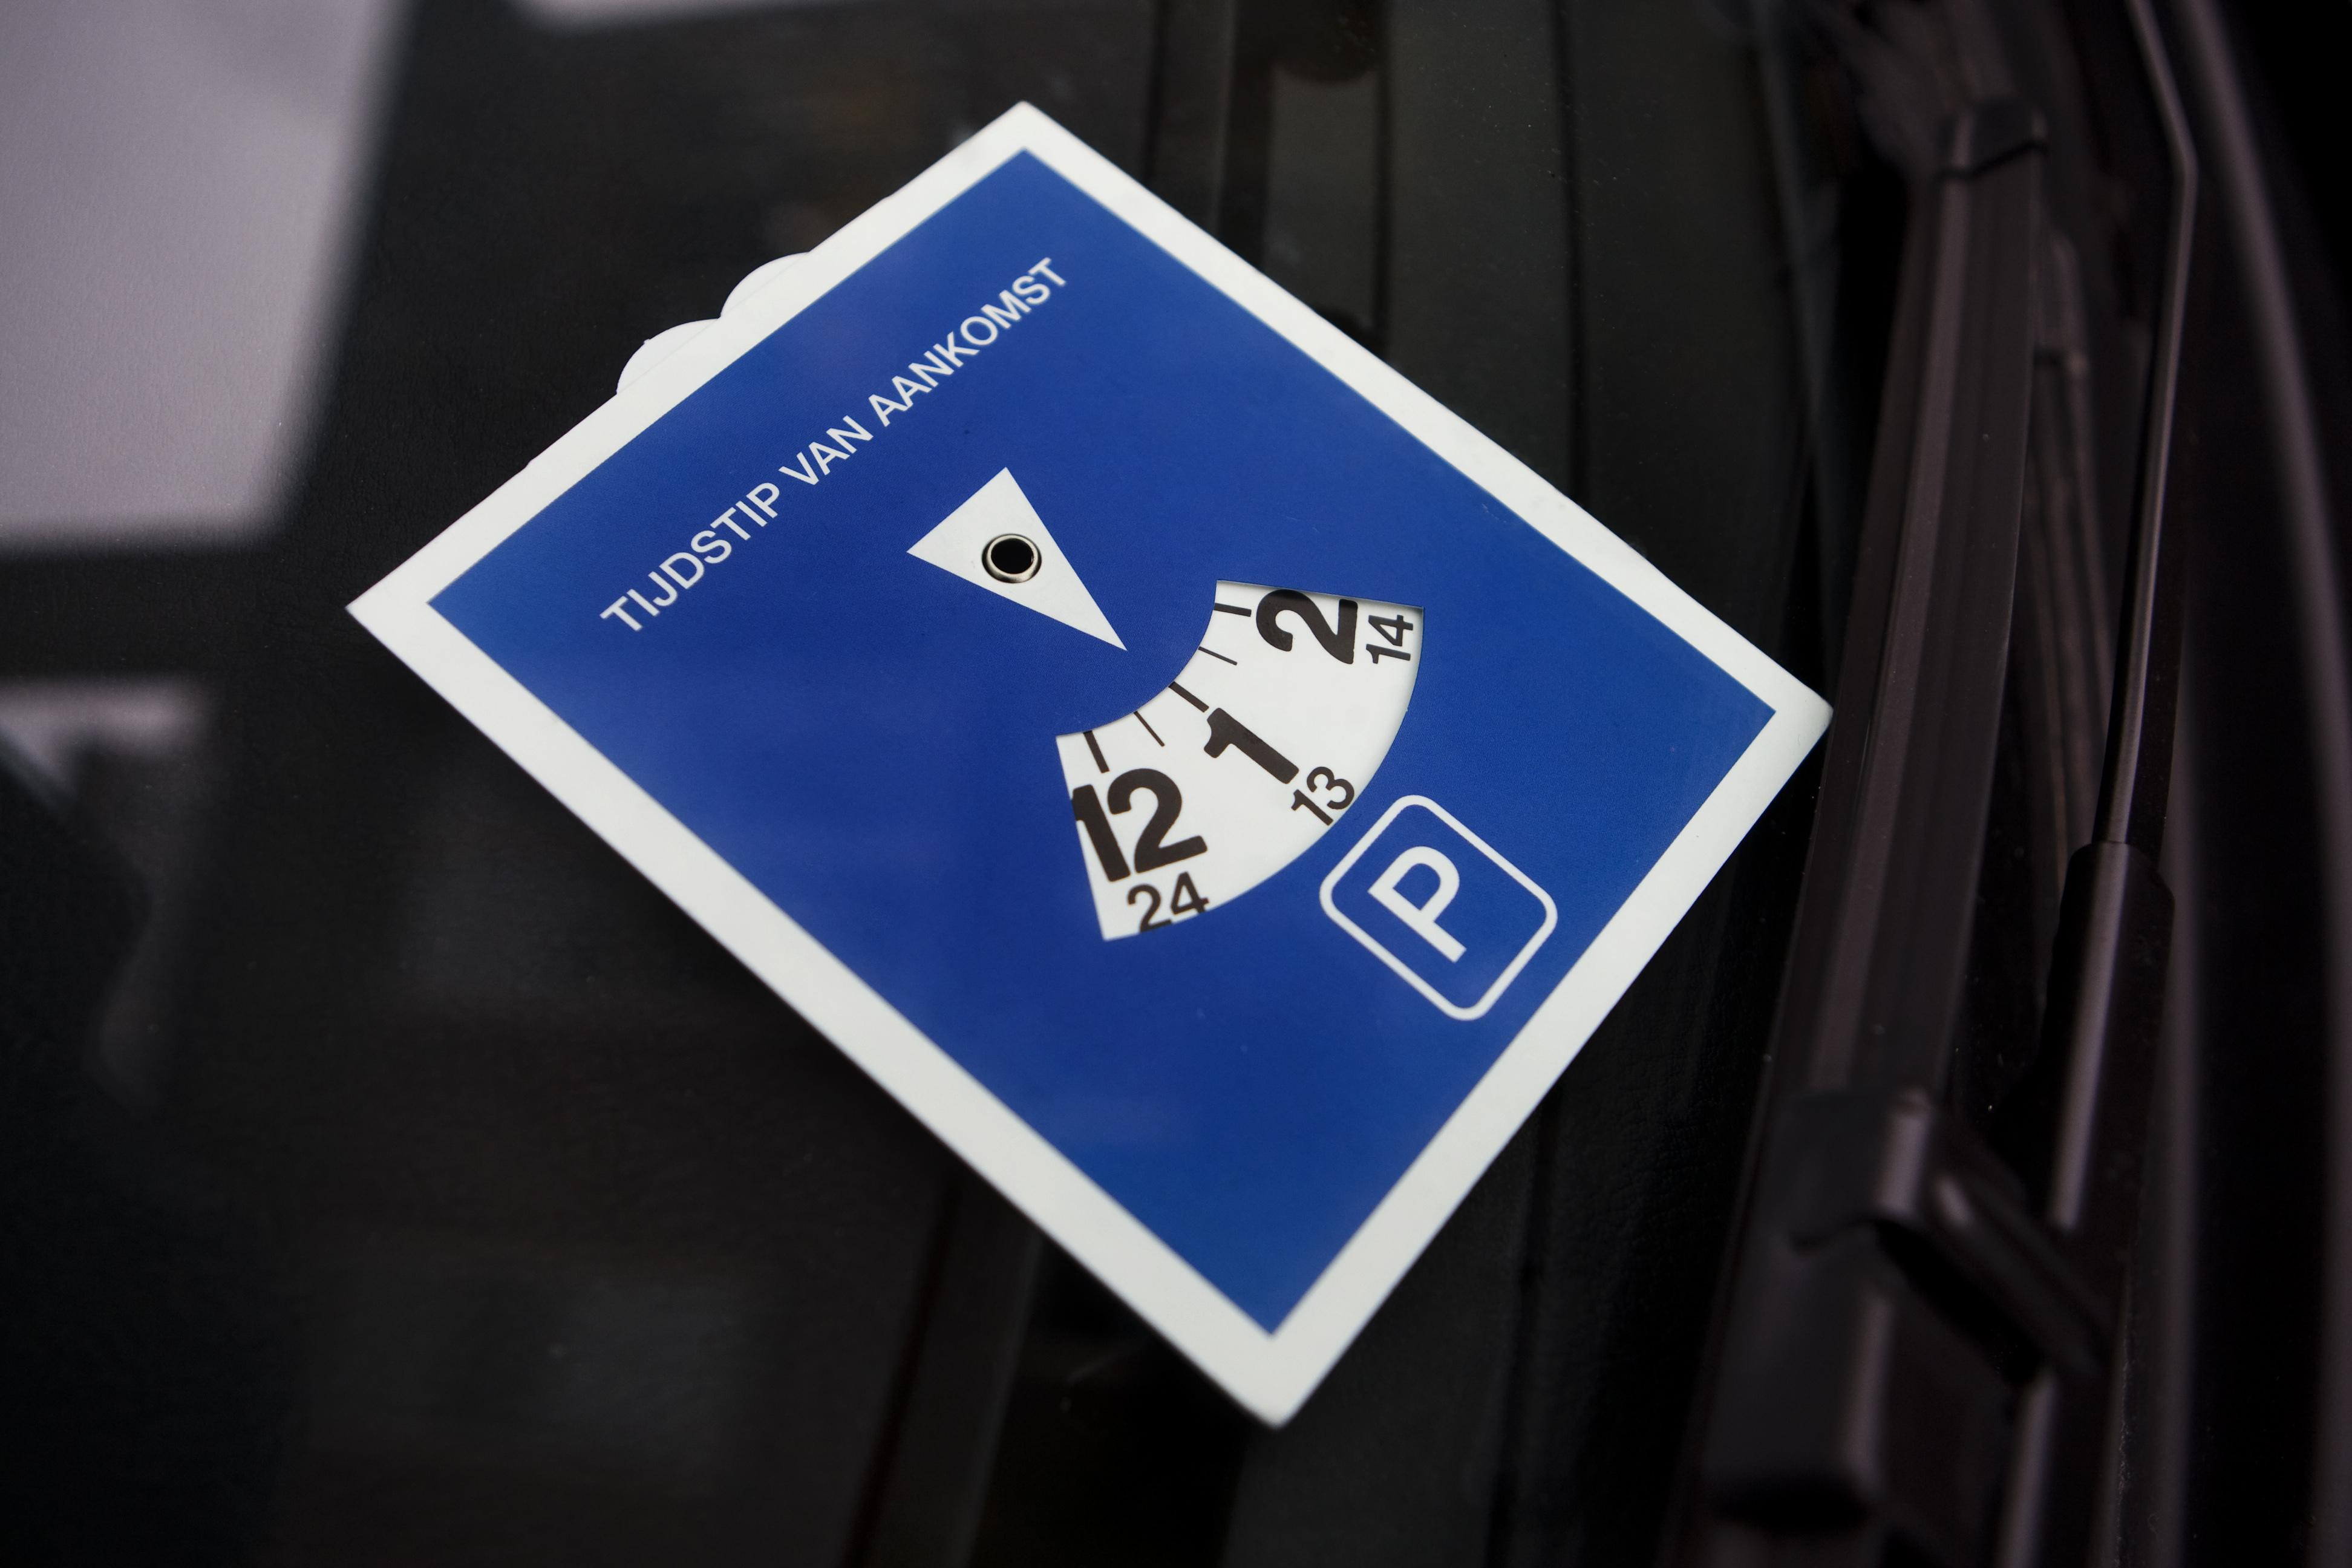 Coronamaatregel in Baarn: gemeente stelt blauwe zone parkeerterreinen Brink en Laanstraat tijdelijk buiten werking ten behoeve van thuiswerkende centrumbewoners